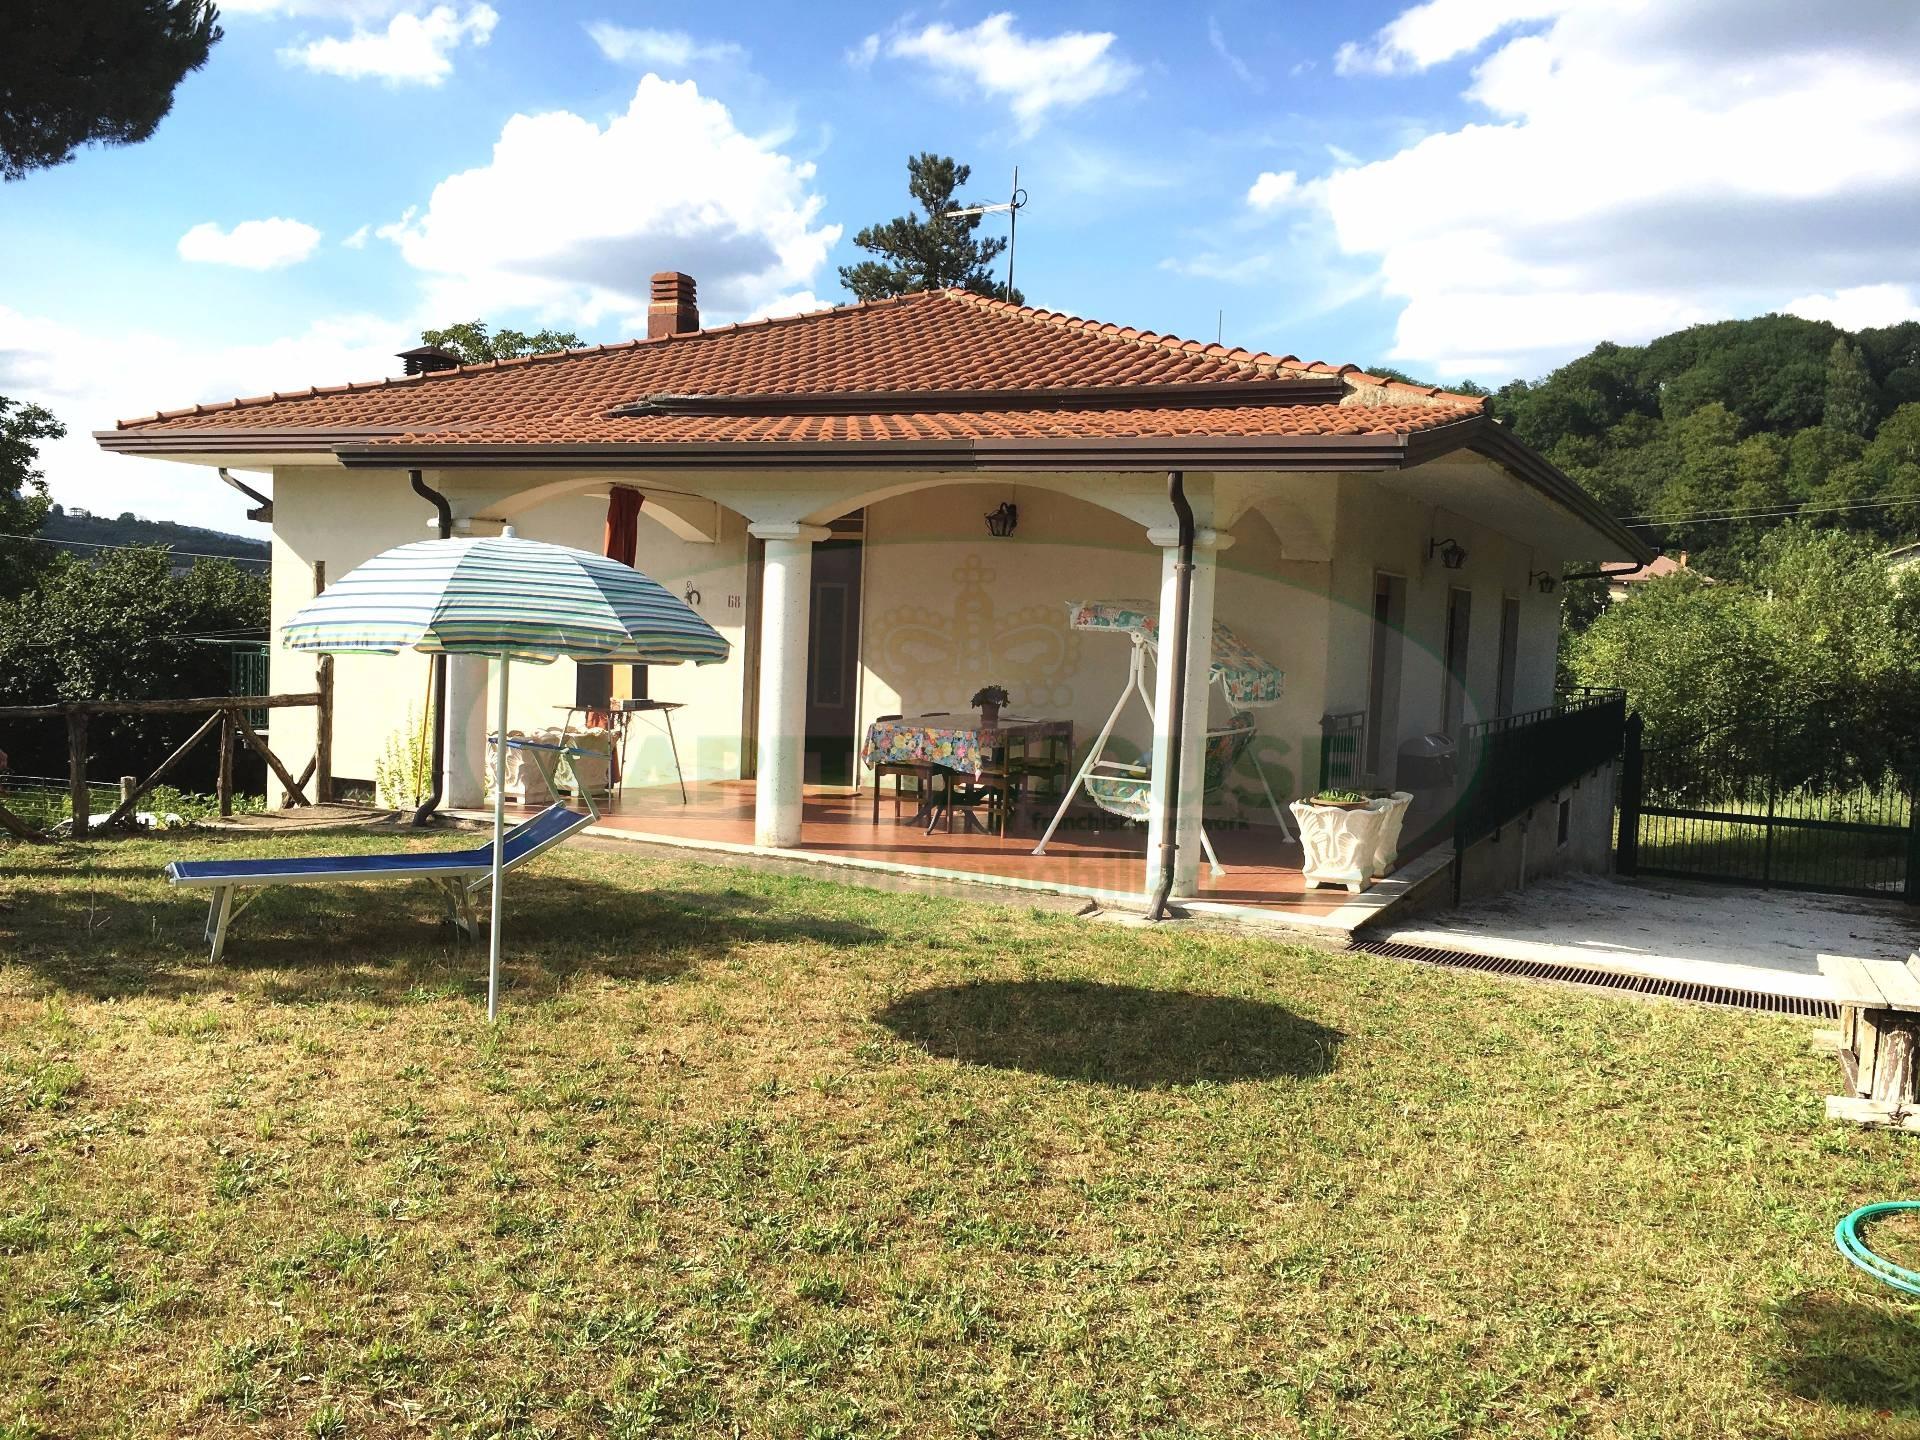 Soluzione Semindipendente in vendita a Aiello del Sabato, 4 locali, prezzo € 110.000 | Cambio Casa.it